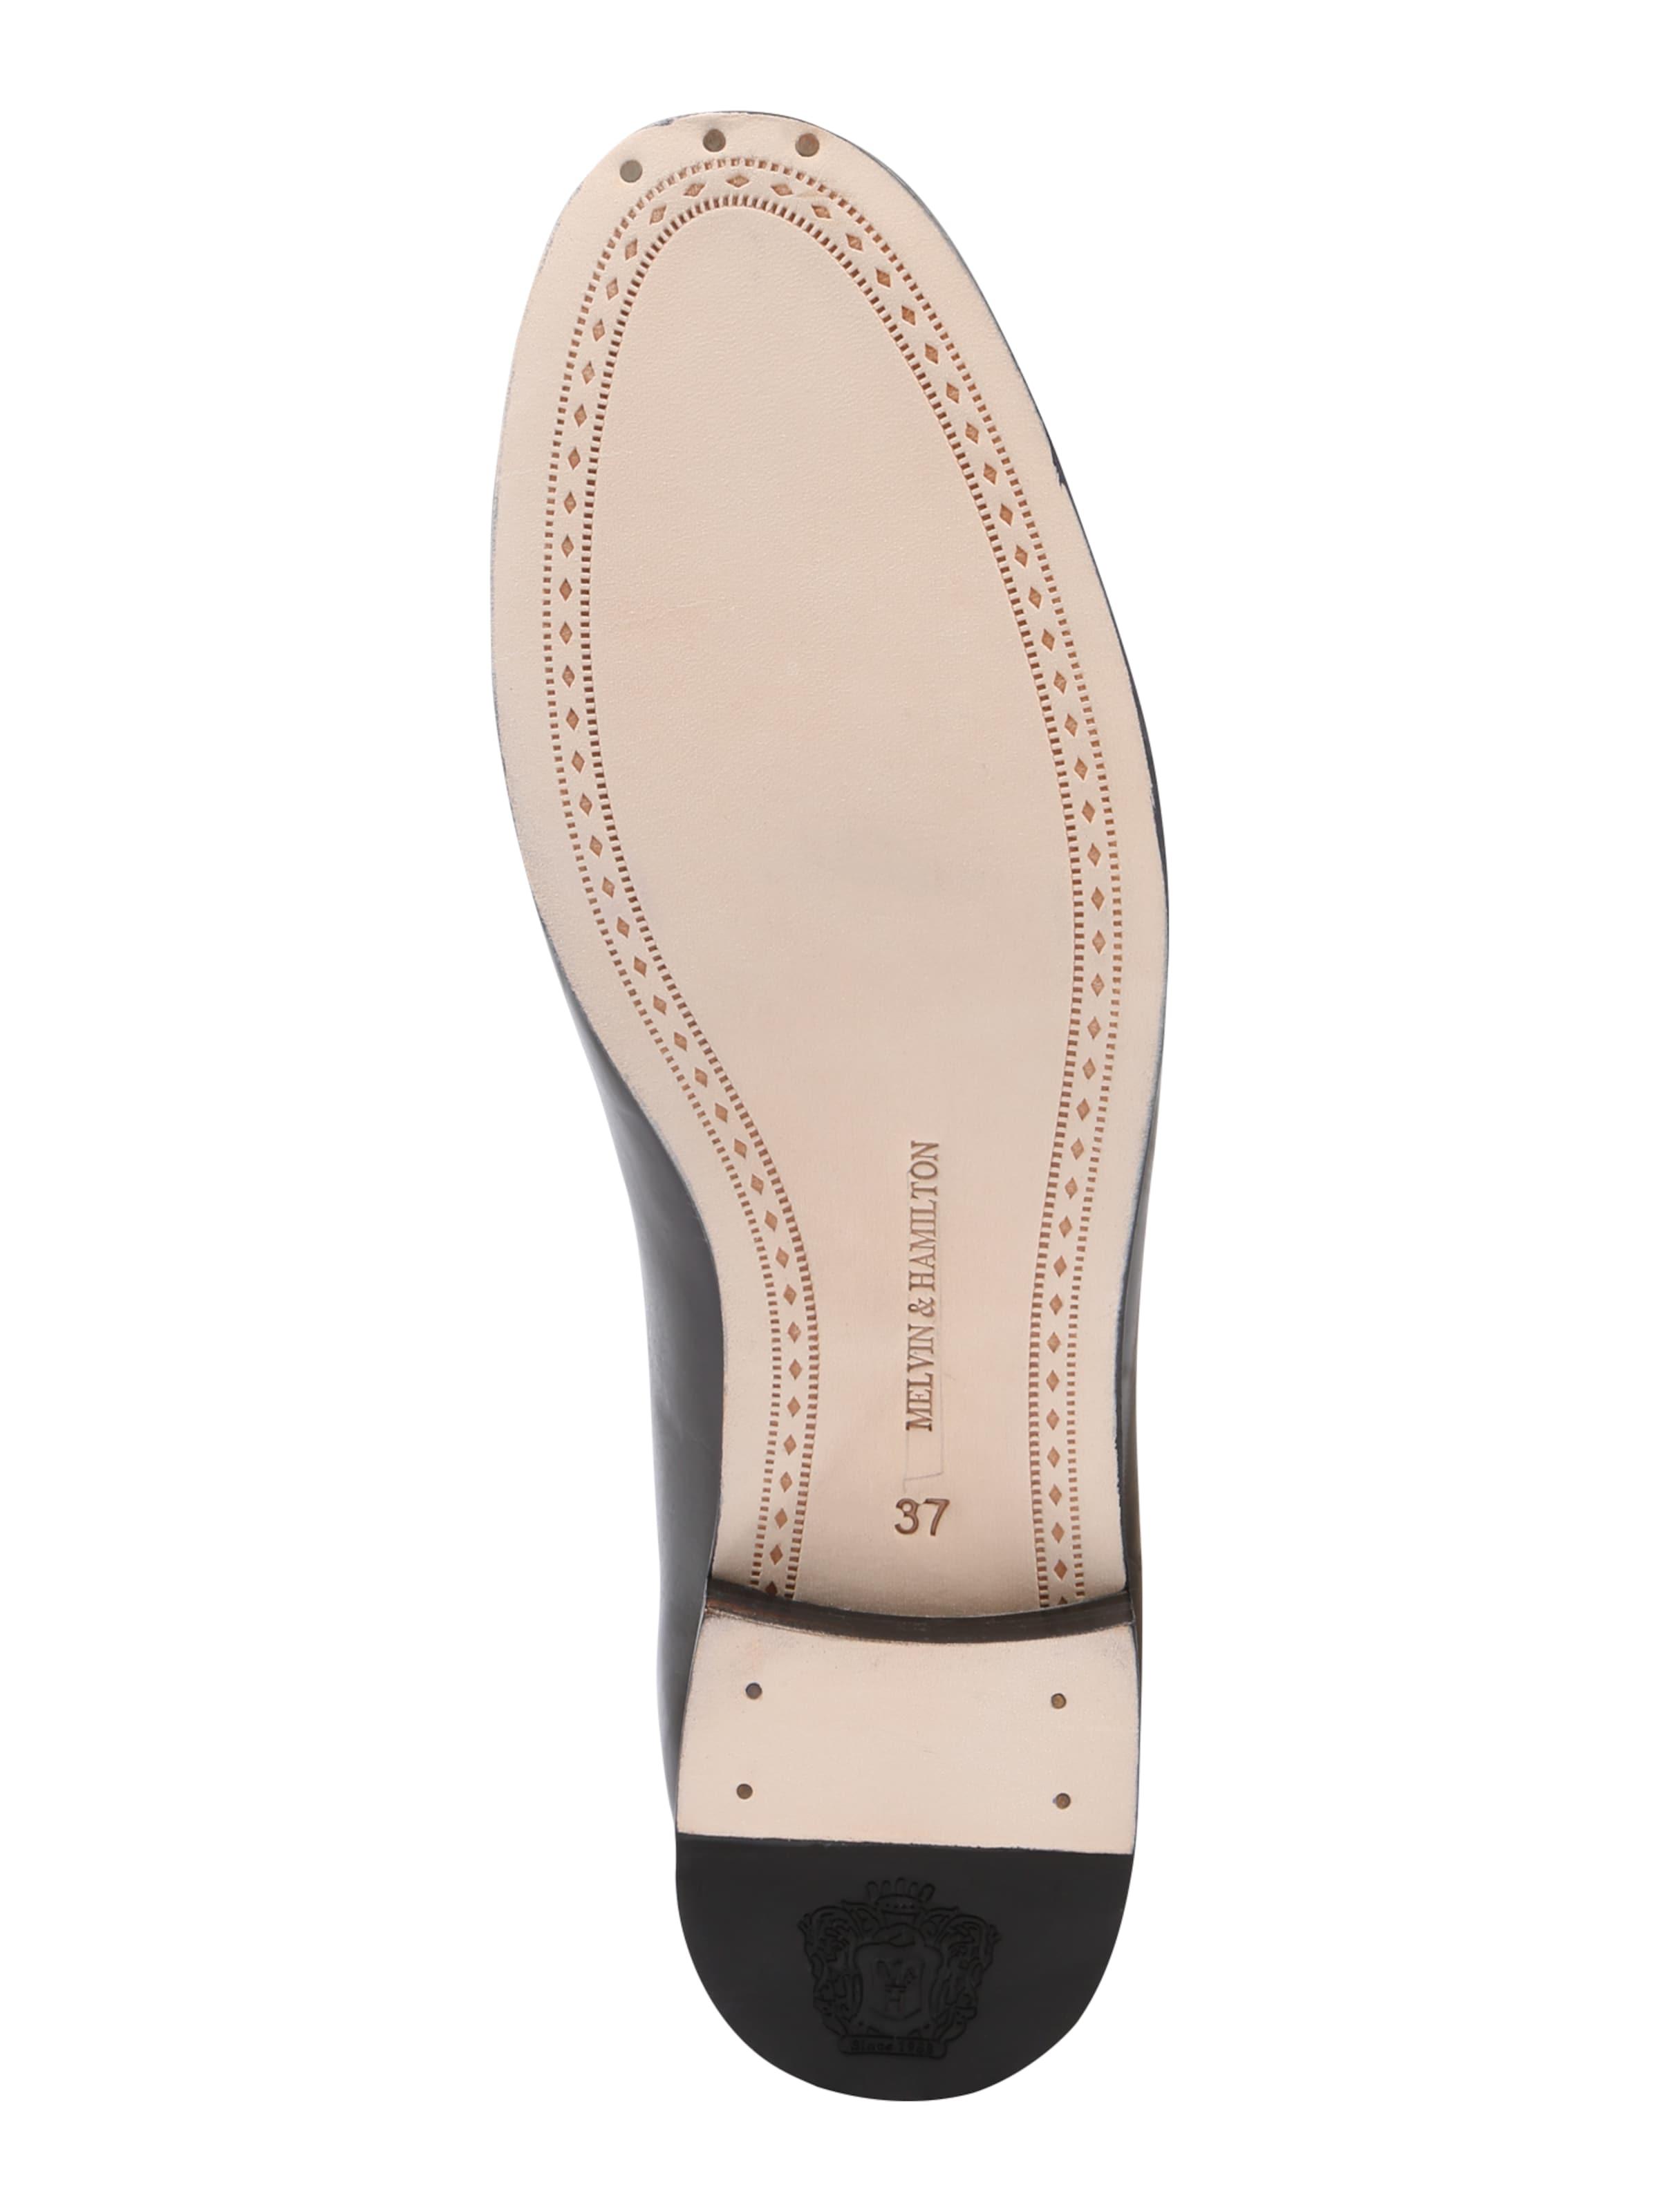 Spielraum Footaction MELVIN & HAMILTON Loafers 'Scarlett 1' Angebot Zum Verkauf Auslass Niedrig Versandkosten Verbilligte Rabatt Manchester Großer Verkauf fdPYvEeeN